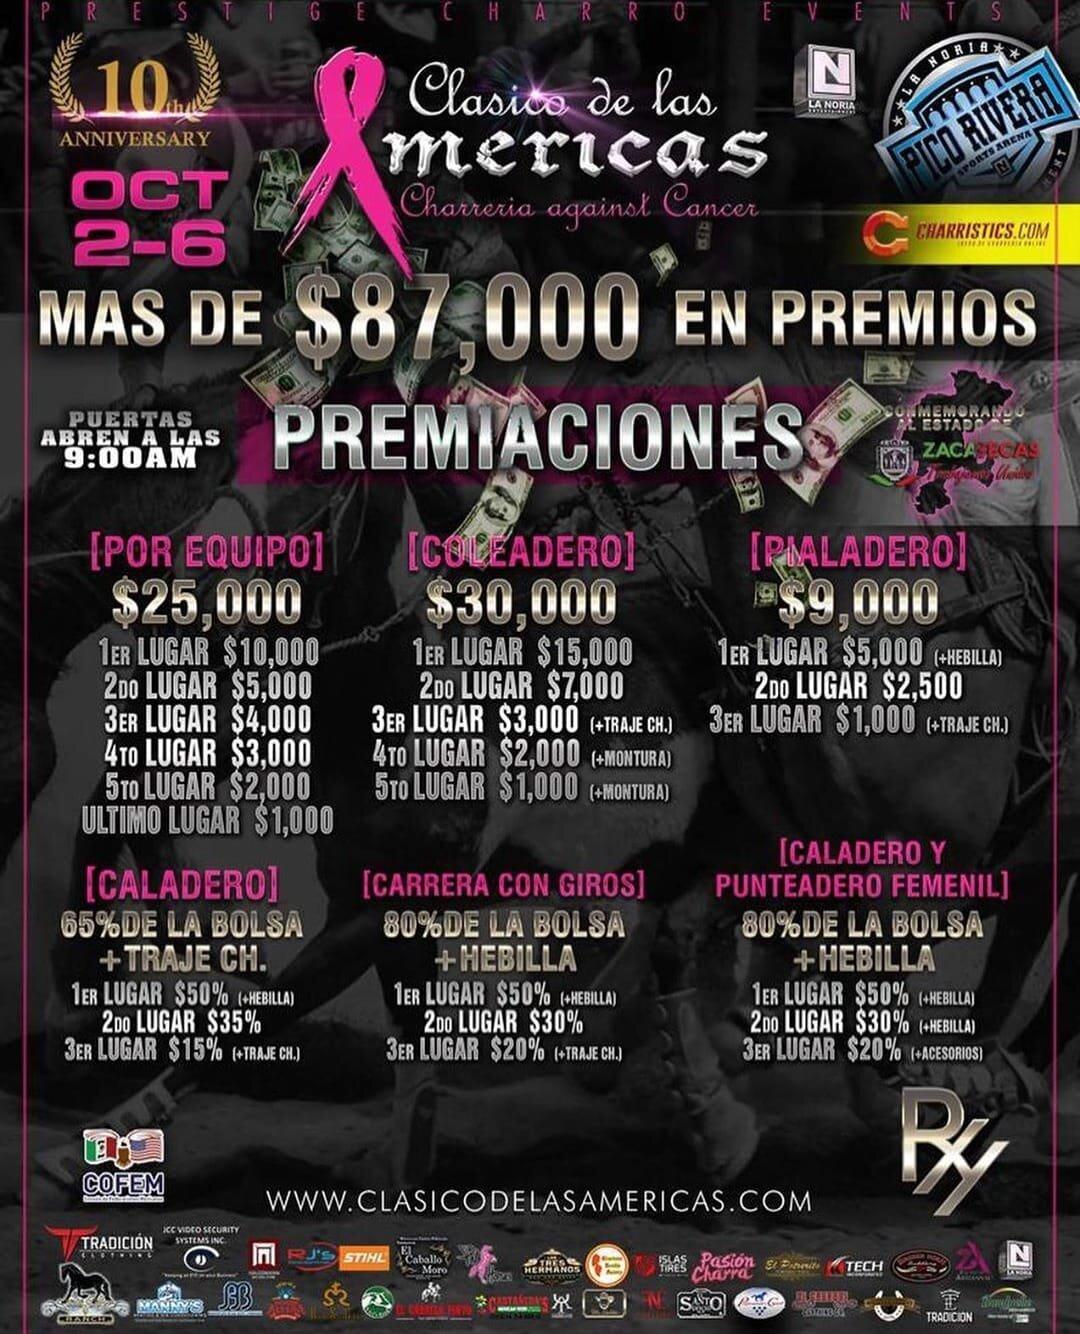 PREMIOS CLASICO DE LAS AMERICAS 2019 - DEL 2 AL 6 DE OCTUBRE 2019 2019